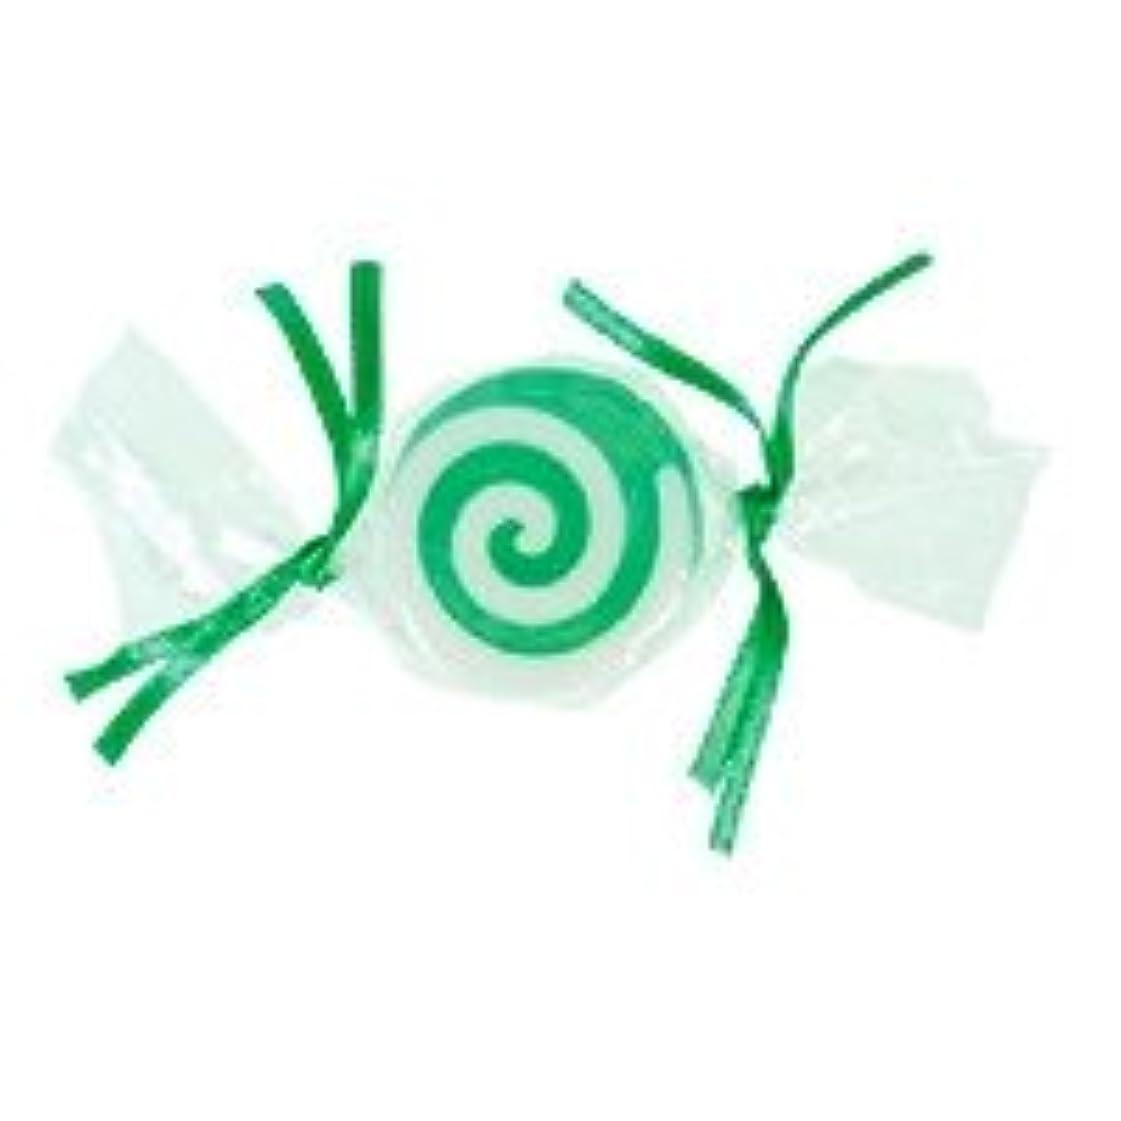 もう一度はさみむき出しベジタブルソープ キャンディ「グリーン」20個セット グリーンアップルの香り